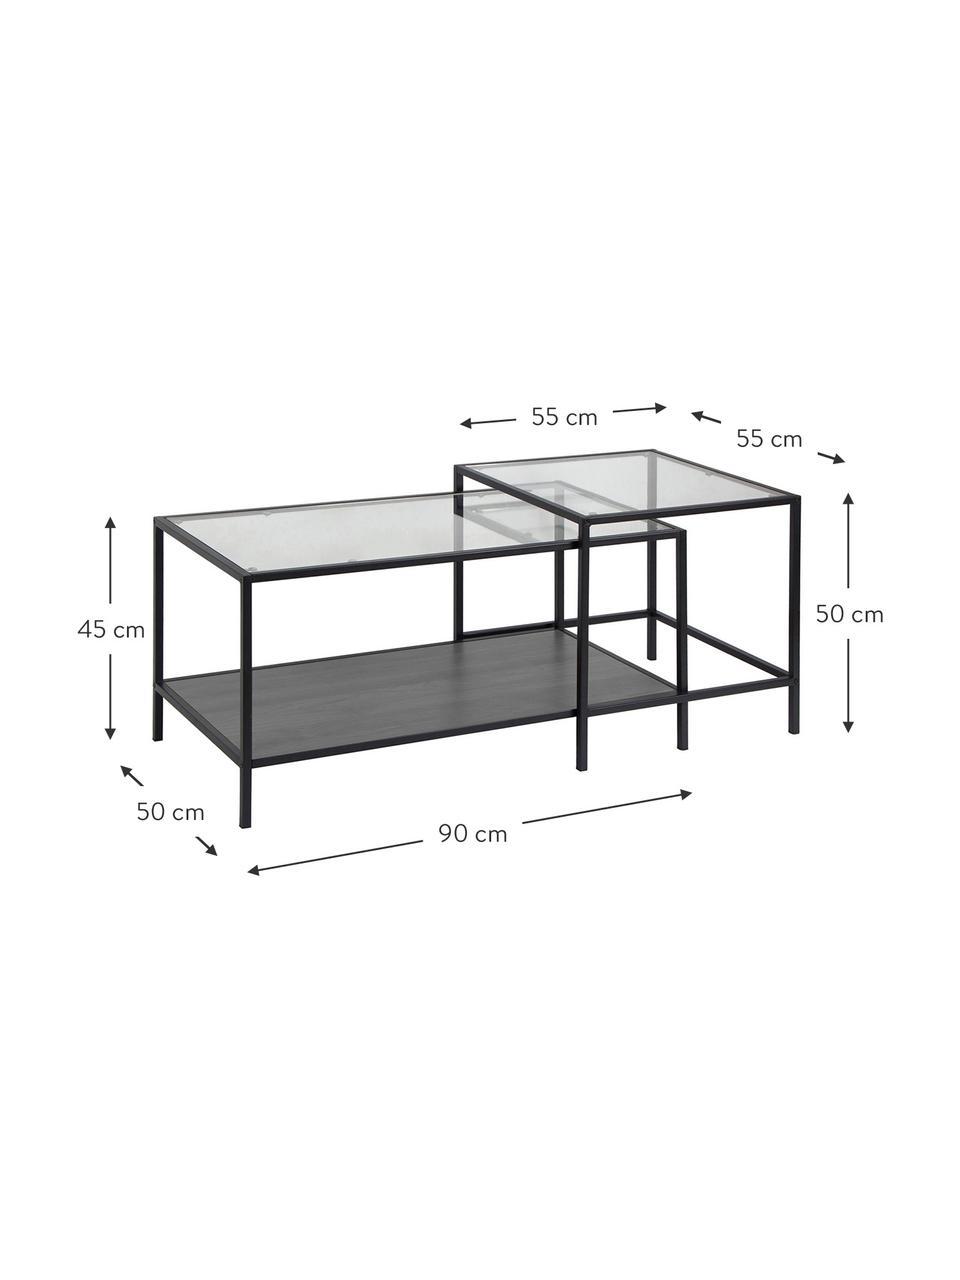 Bijzettafelset Seaford met glazen tafelblad, Frame: metaal, Zwart, transparant, Set met verschillende formaten